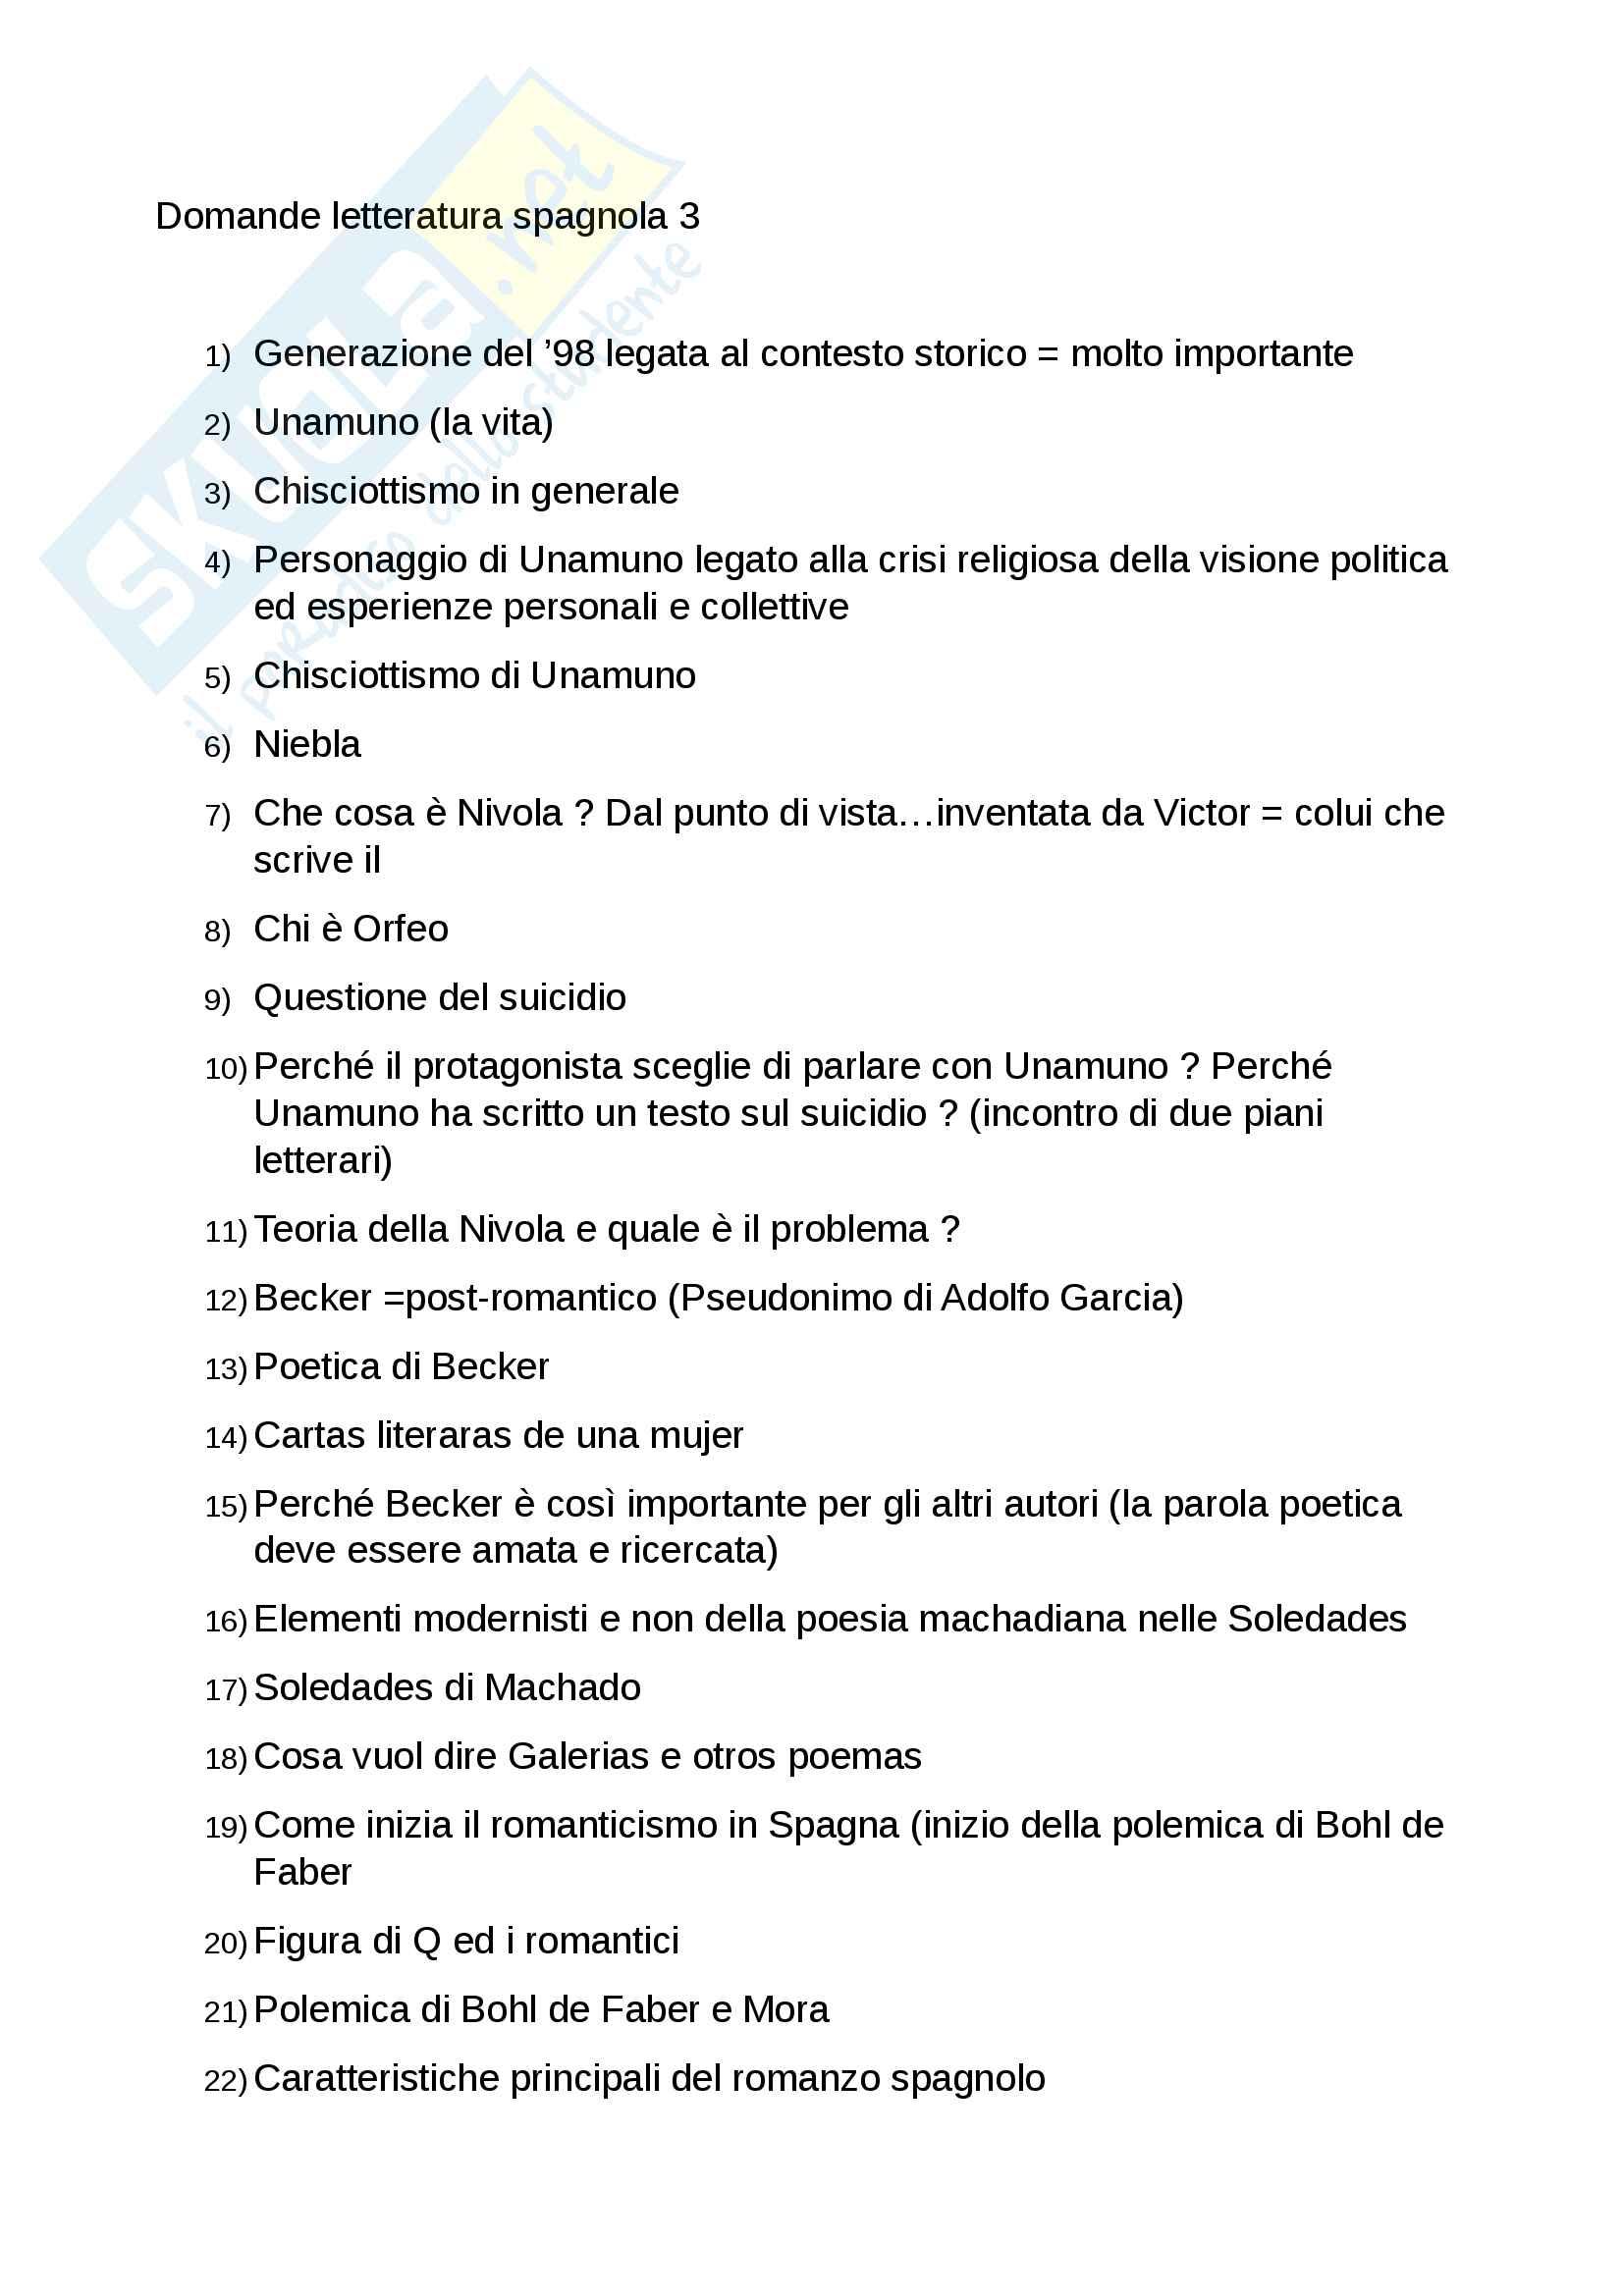 Domande esame letteratura spagnola 3